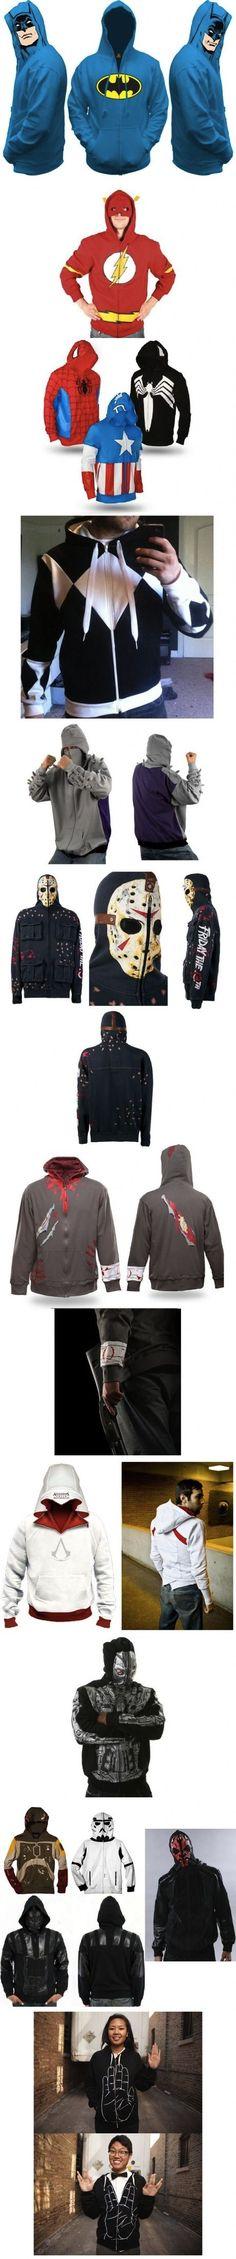 My kind of hoodies!